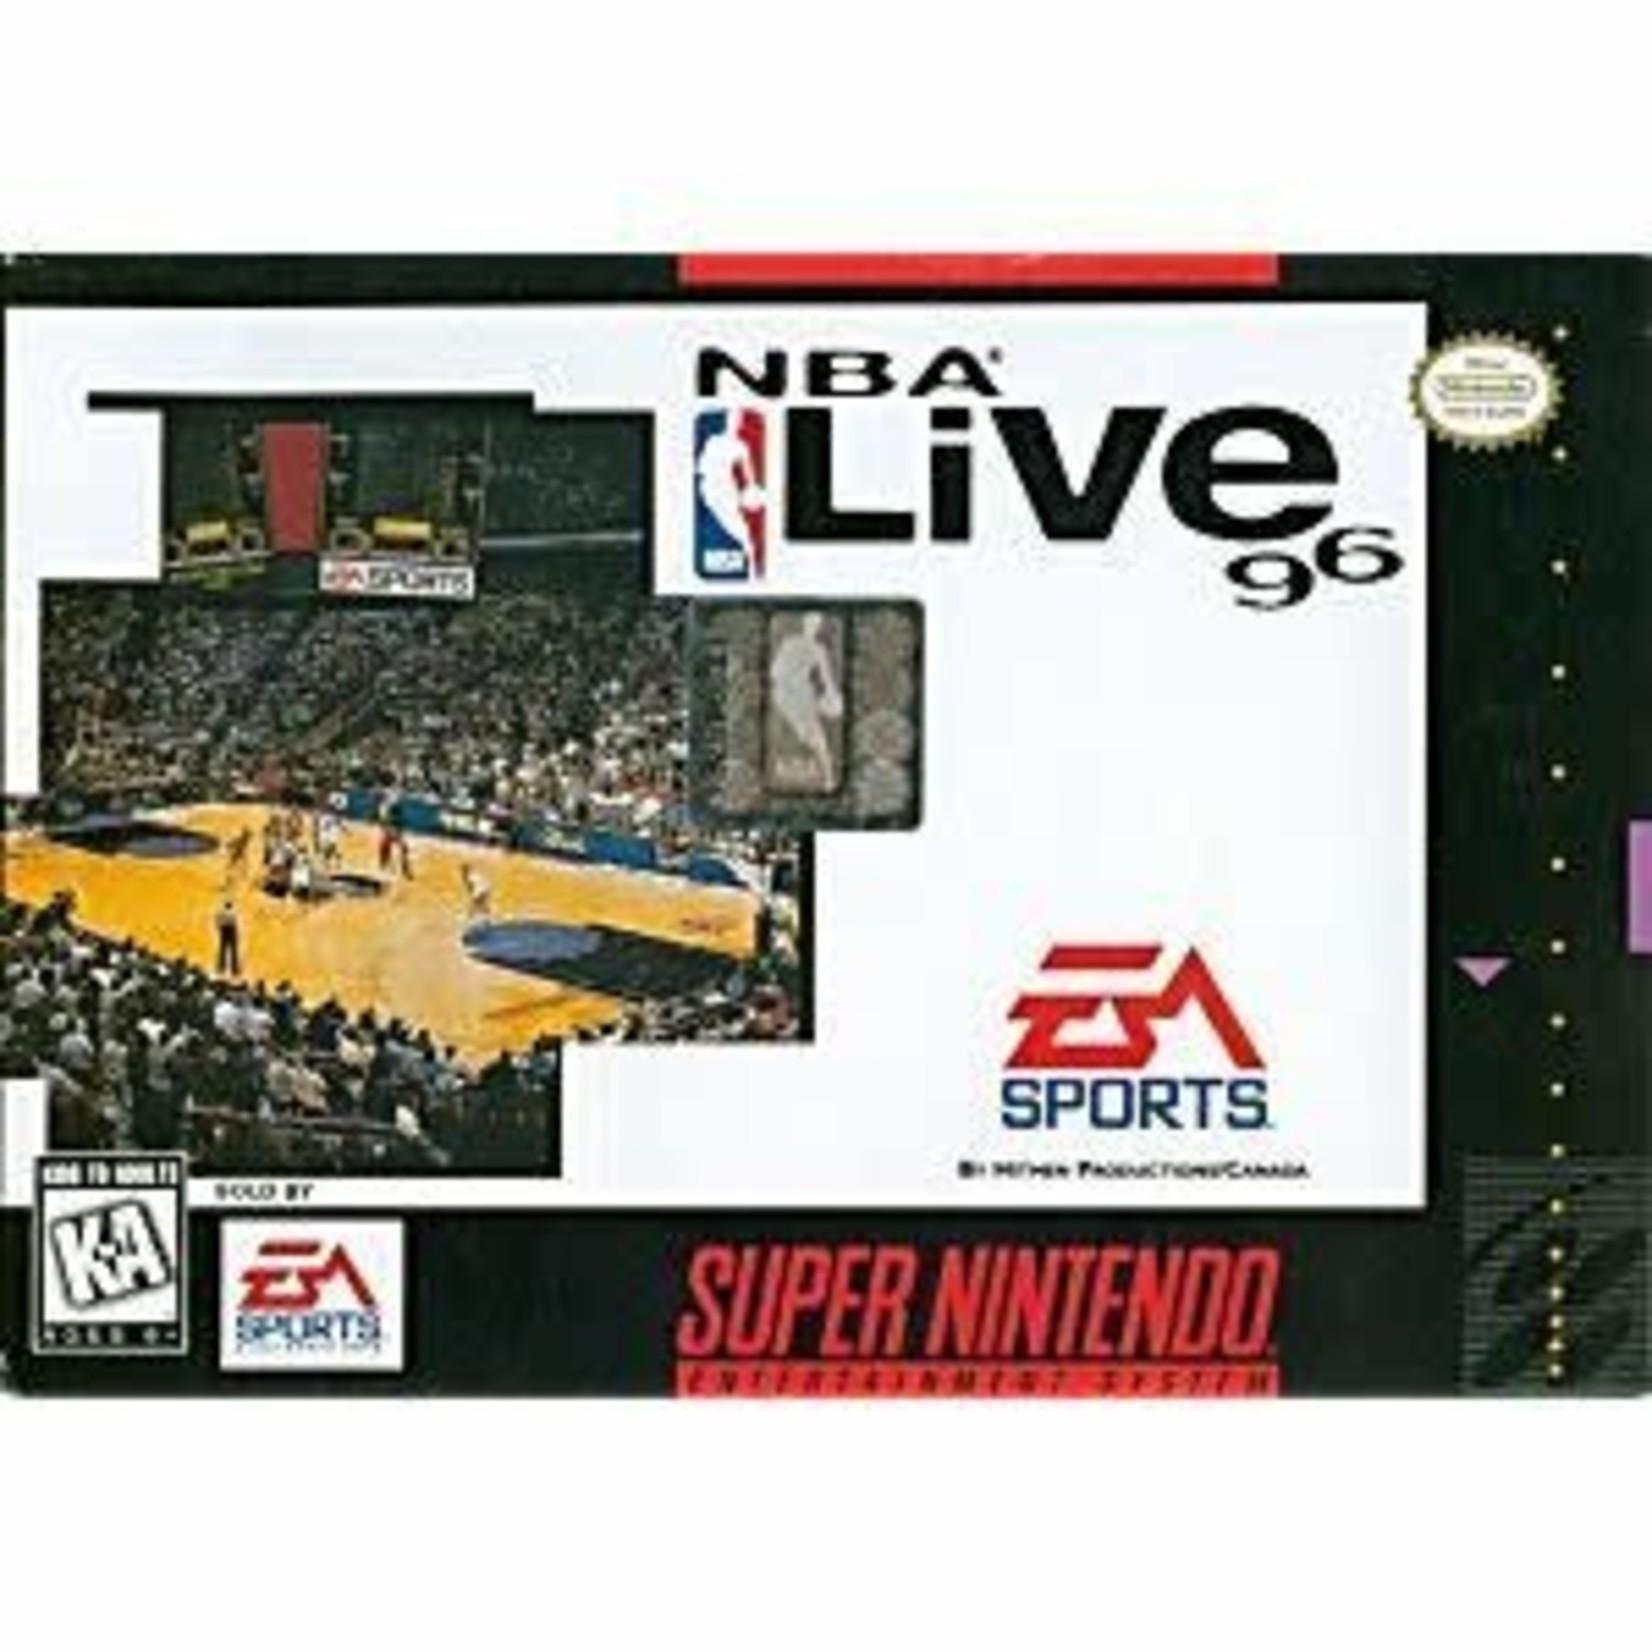 sneu-NBA Live 96 (cartridge)